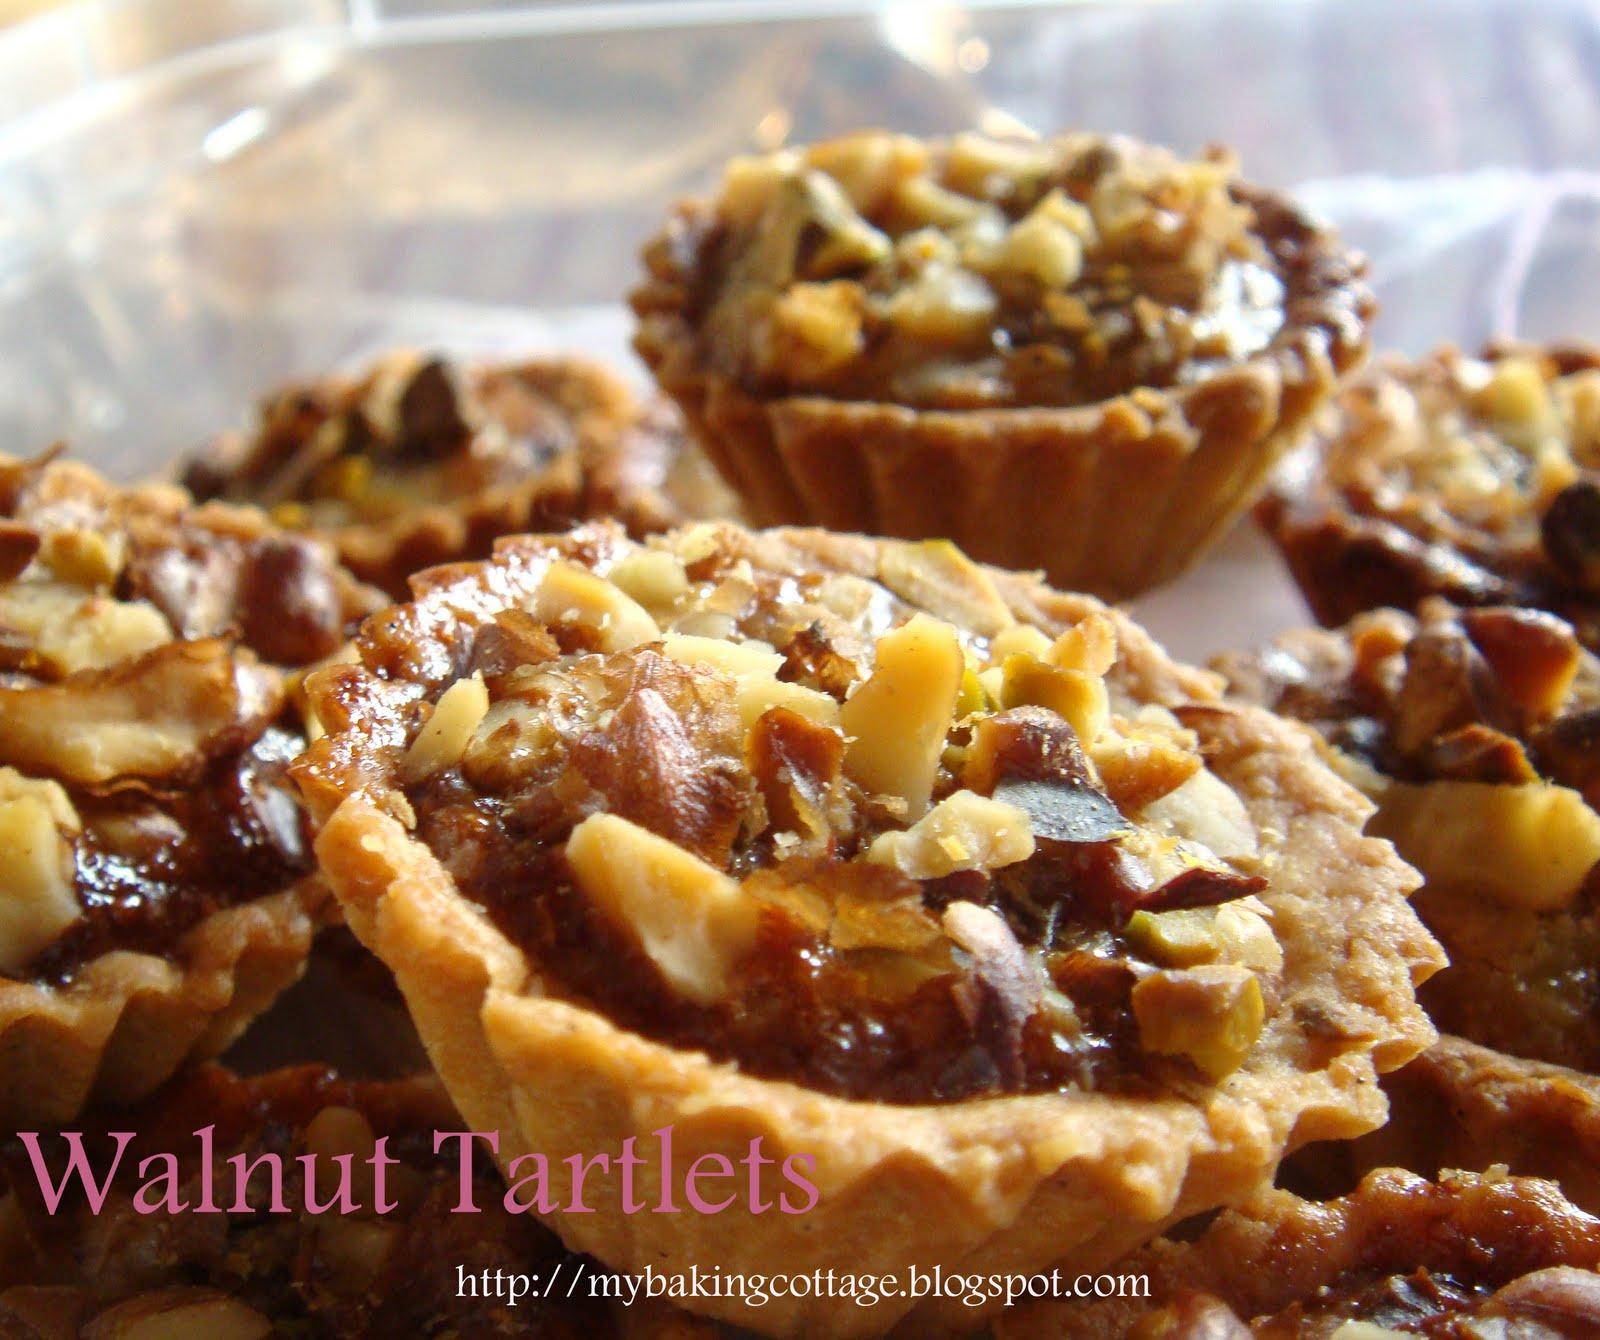 My Baking Cottage: Mini Walnut Tarlets